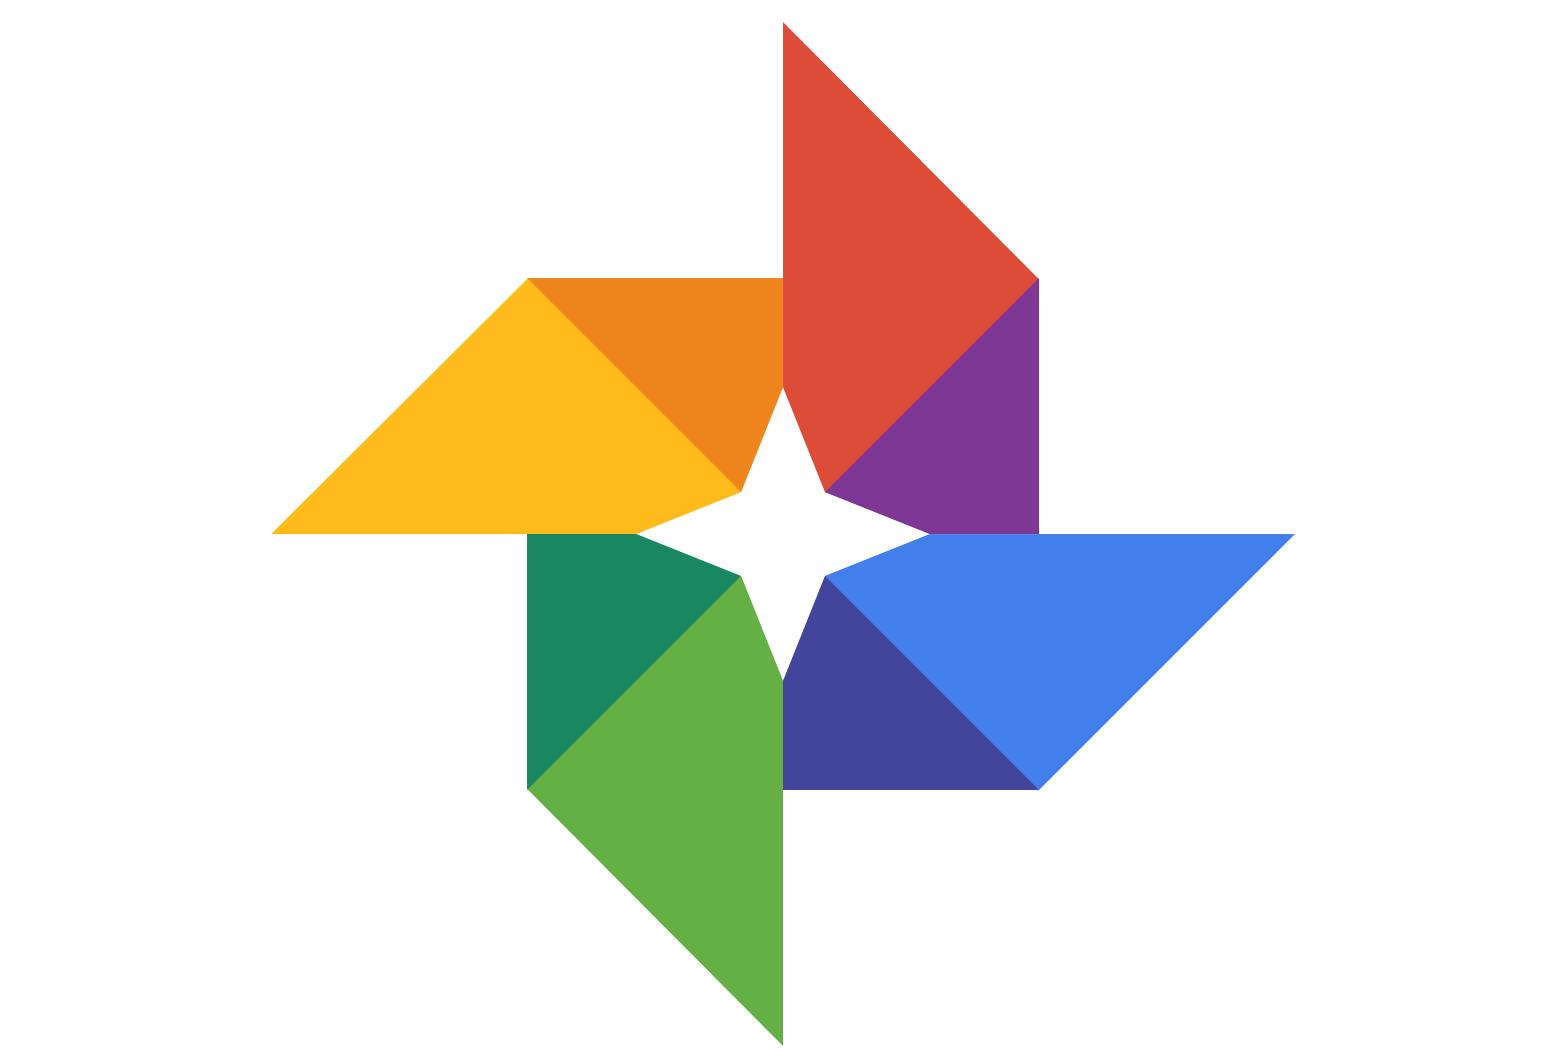 Как сделать резервную копию смартфона на Android - Google Фото